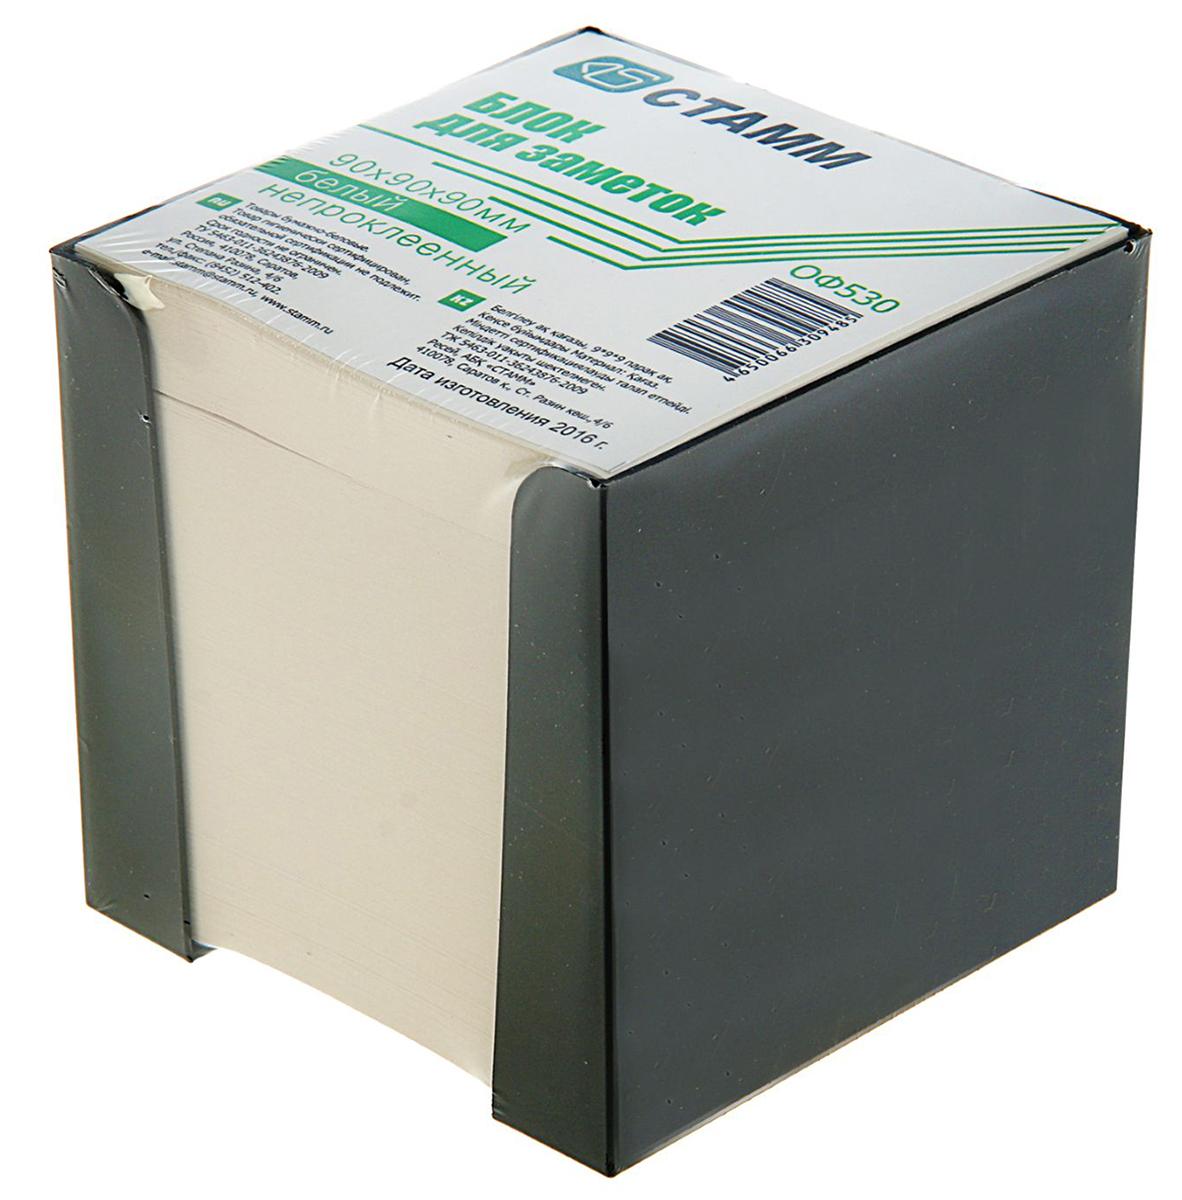 Стамм Блок для записей 9 x 9 см 18898131889813Невозможно представить нашу жизнь без праздников! Мы всегда ждем их и предвкушаем, обдумываем, как проведем памятный день, тщательно выбираем подарки и аксессуары, ведь именно они создают и поддерживают торжественный настрой. Блок бумаги для записей 9х9х9 см белый, в пластиковом боксе — это отличный выбор, который привнесет атмосферу праздника в ваш дом!Часто появляется необходимость оставить небольшое послание коллеге, сделать пометку для родных или запомнить нужный телефон?Чтобы зафиксировать важную информацию, достаточно иметь при себе неброский, но необходимый в быту предмет — Блок бумаги для записей 9х9х9 см белый, в пластиковом боксе. Этот канцелярский аксессуар займет минимум места в сумке или на рабочем столе.